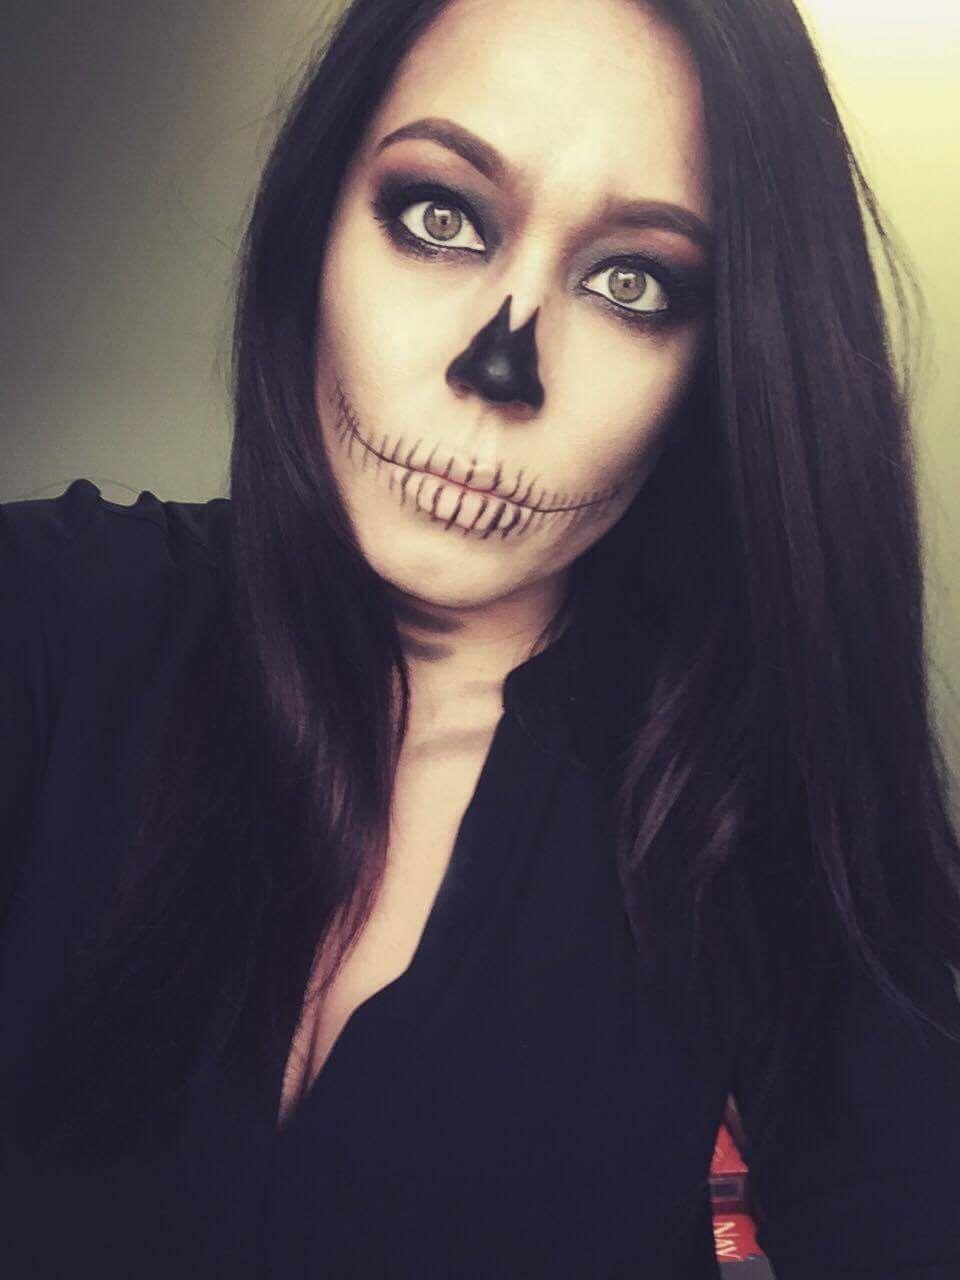 Find me on Facebook for makeup tutorials - Jennifer Legear